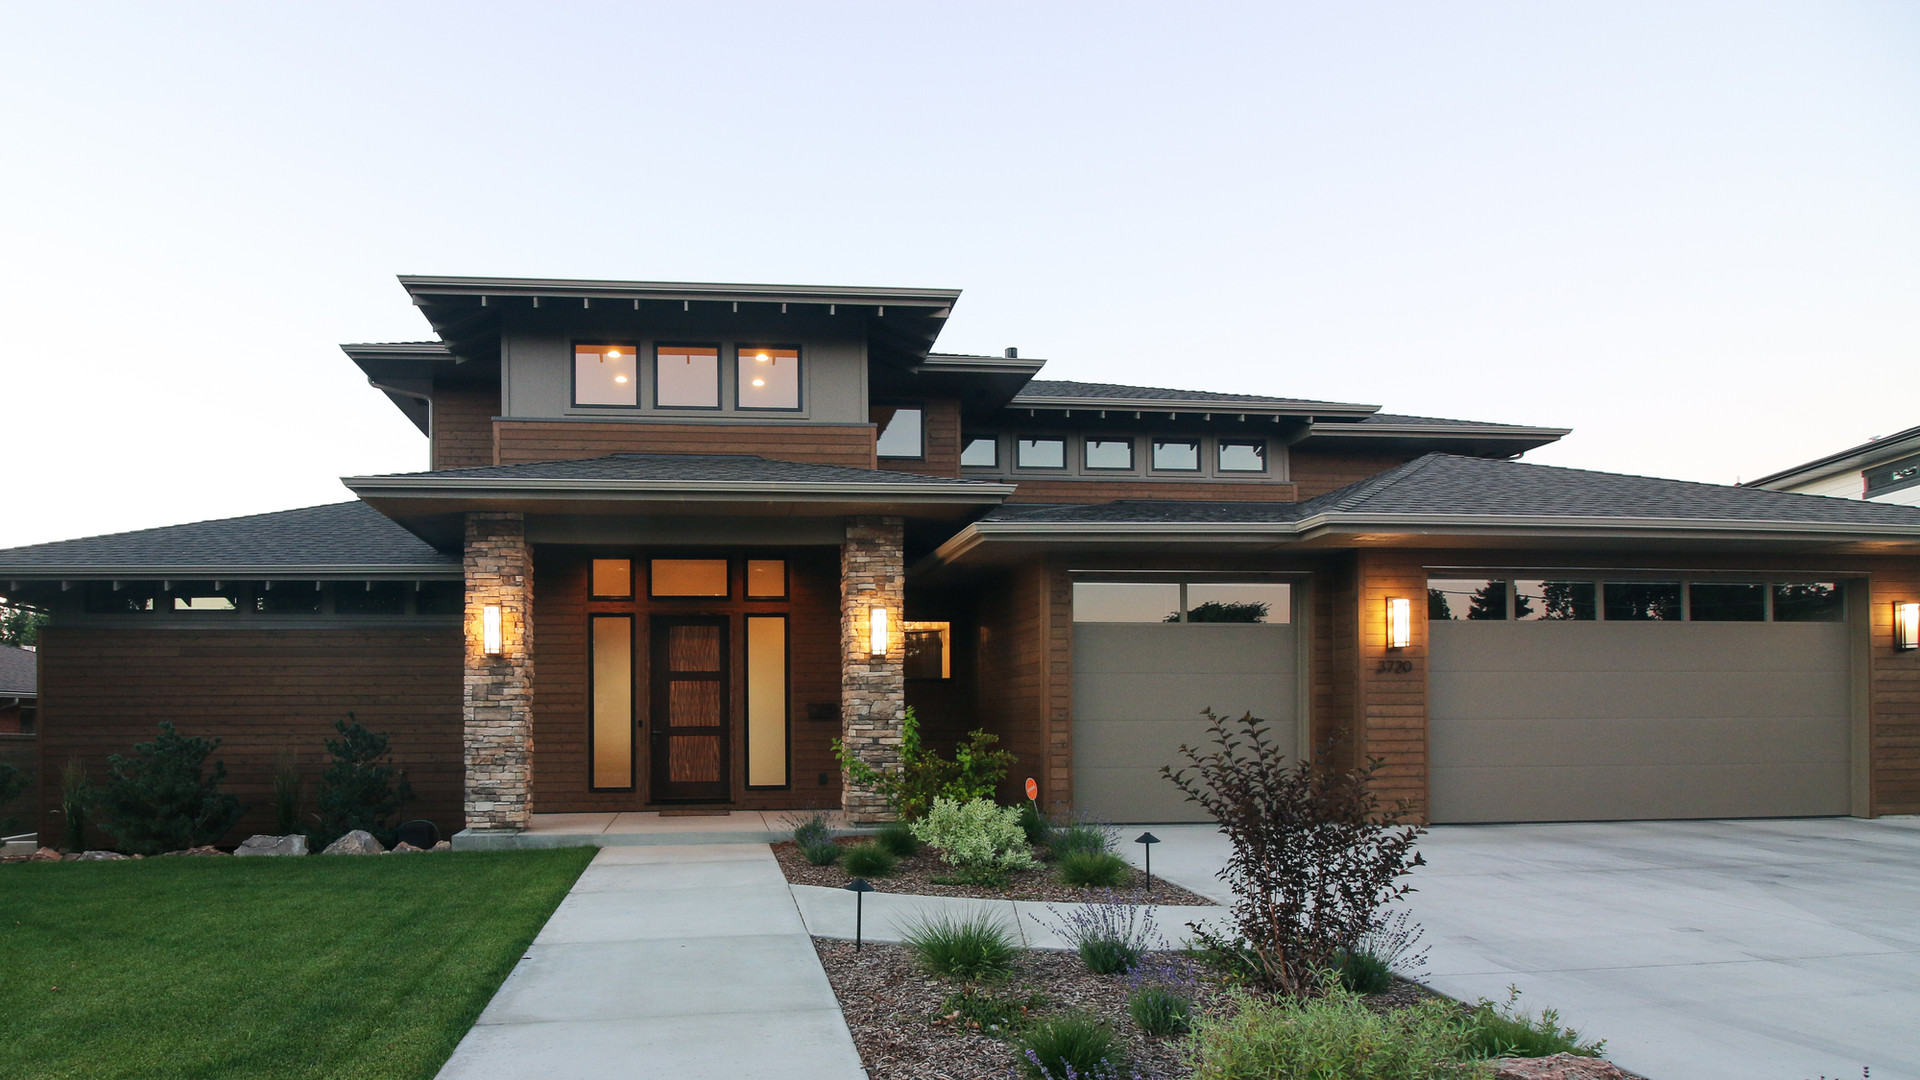 Boise Rim Modern - Front elevation